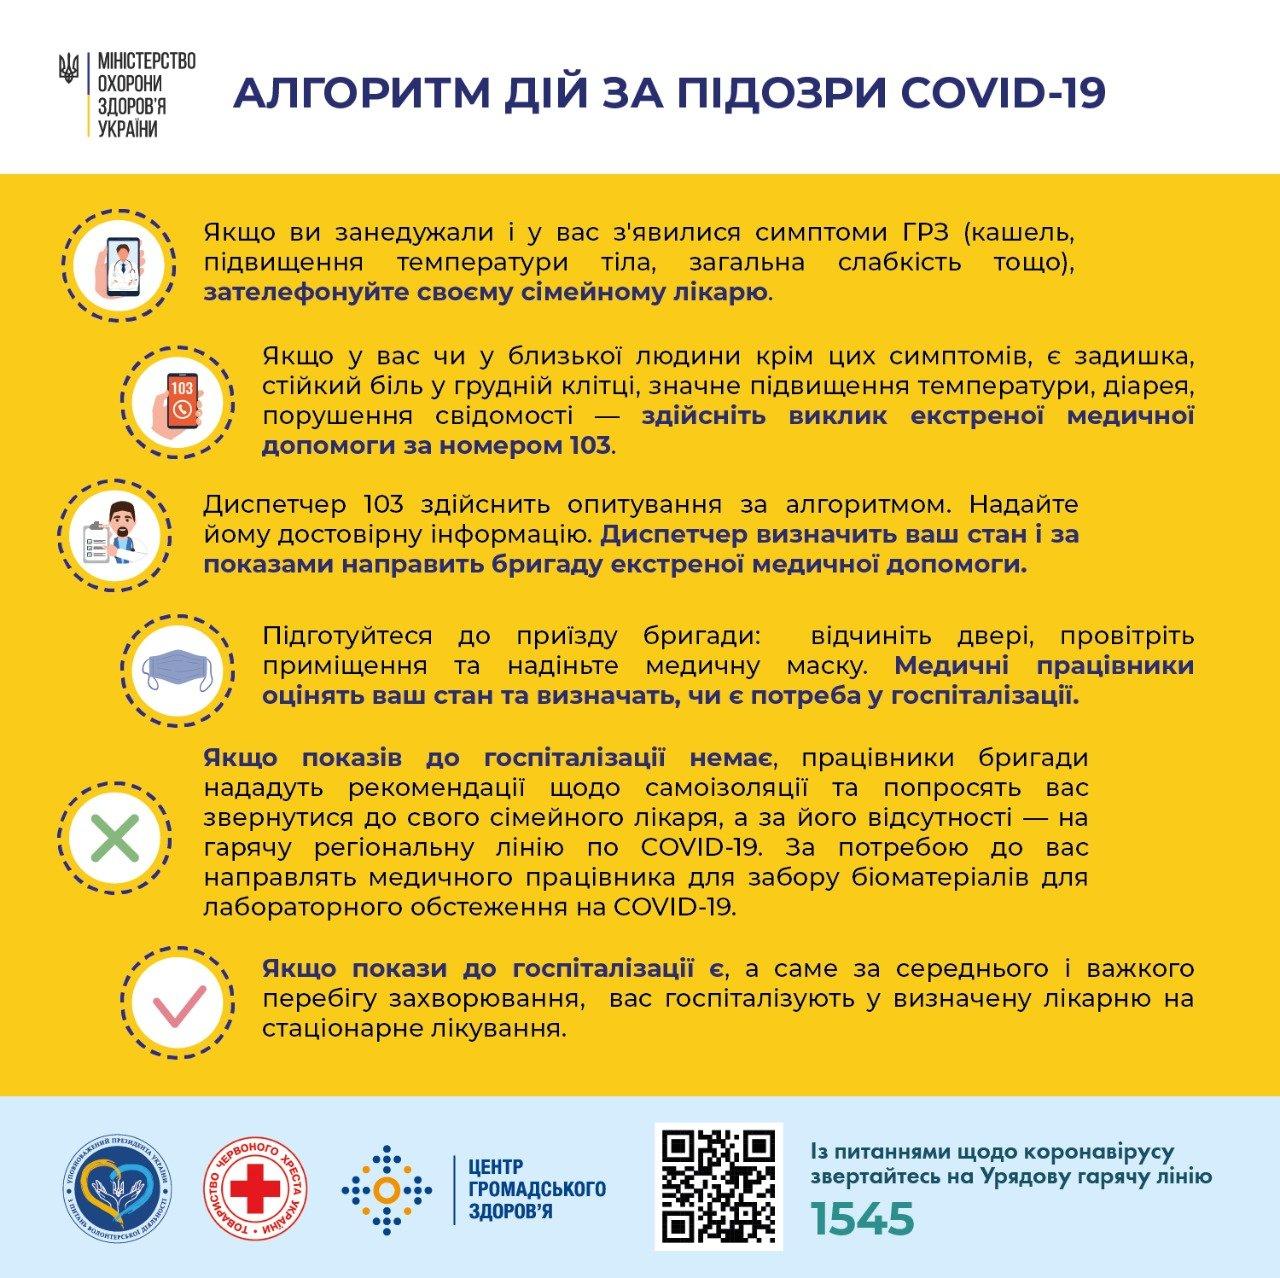 Коронавирус не утихает: от COVID-19 в Киеве за сутки умерли 23 человека, заболели еще 559, фото-2, Фото МОЗ